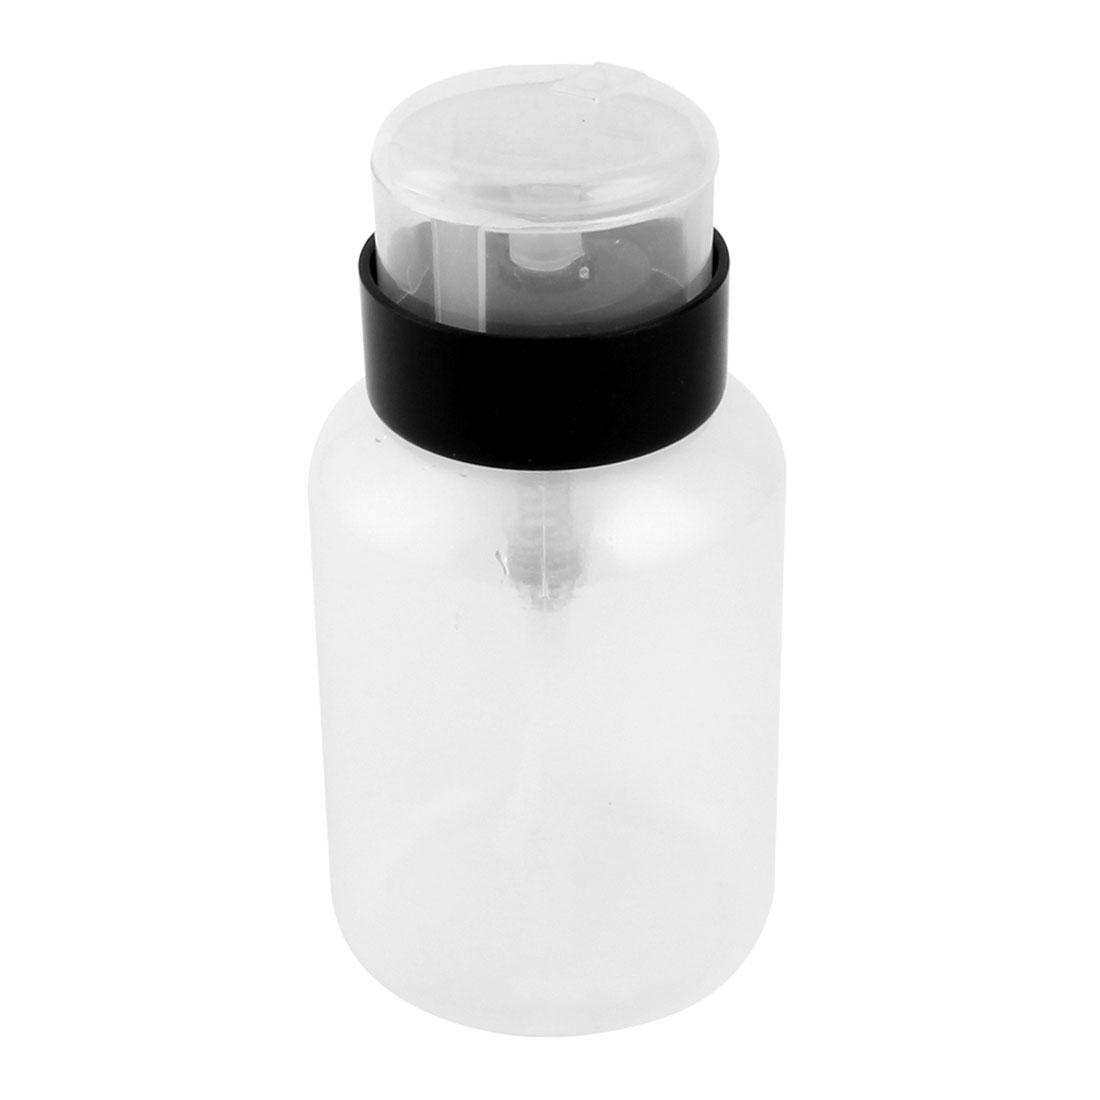 Дозатор для жидкости с пластиковой помпой 250 мл